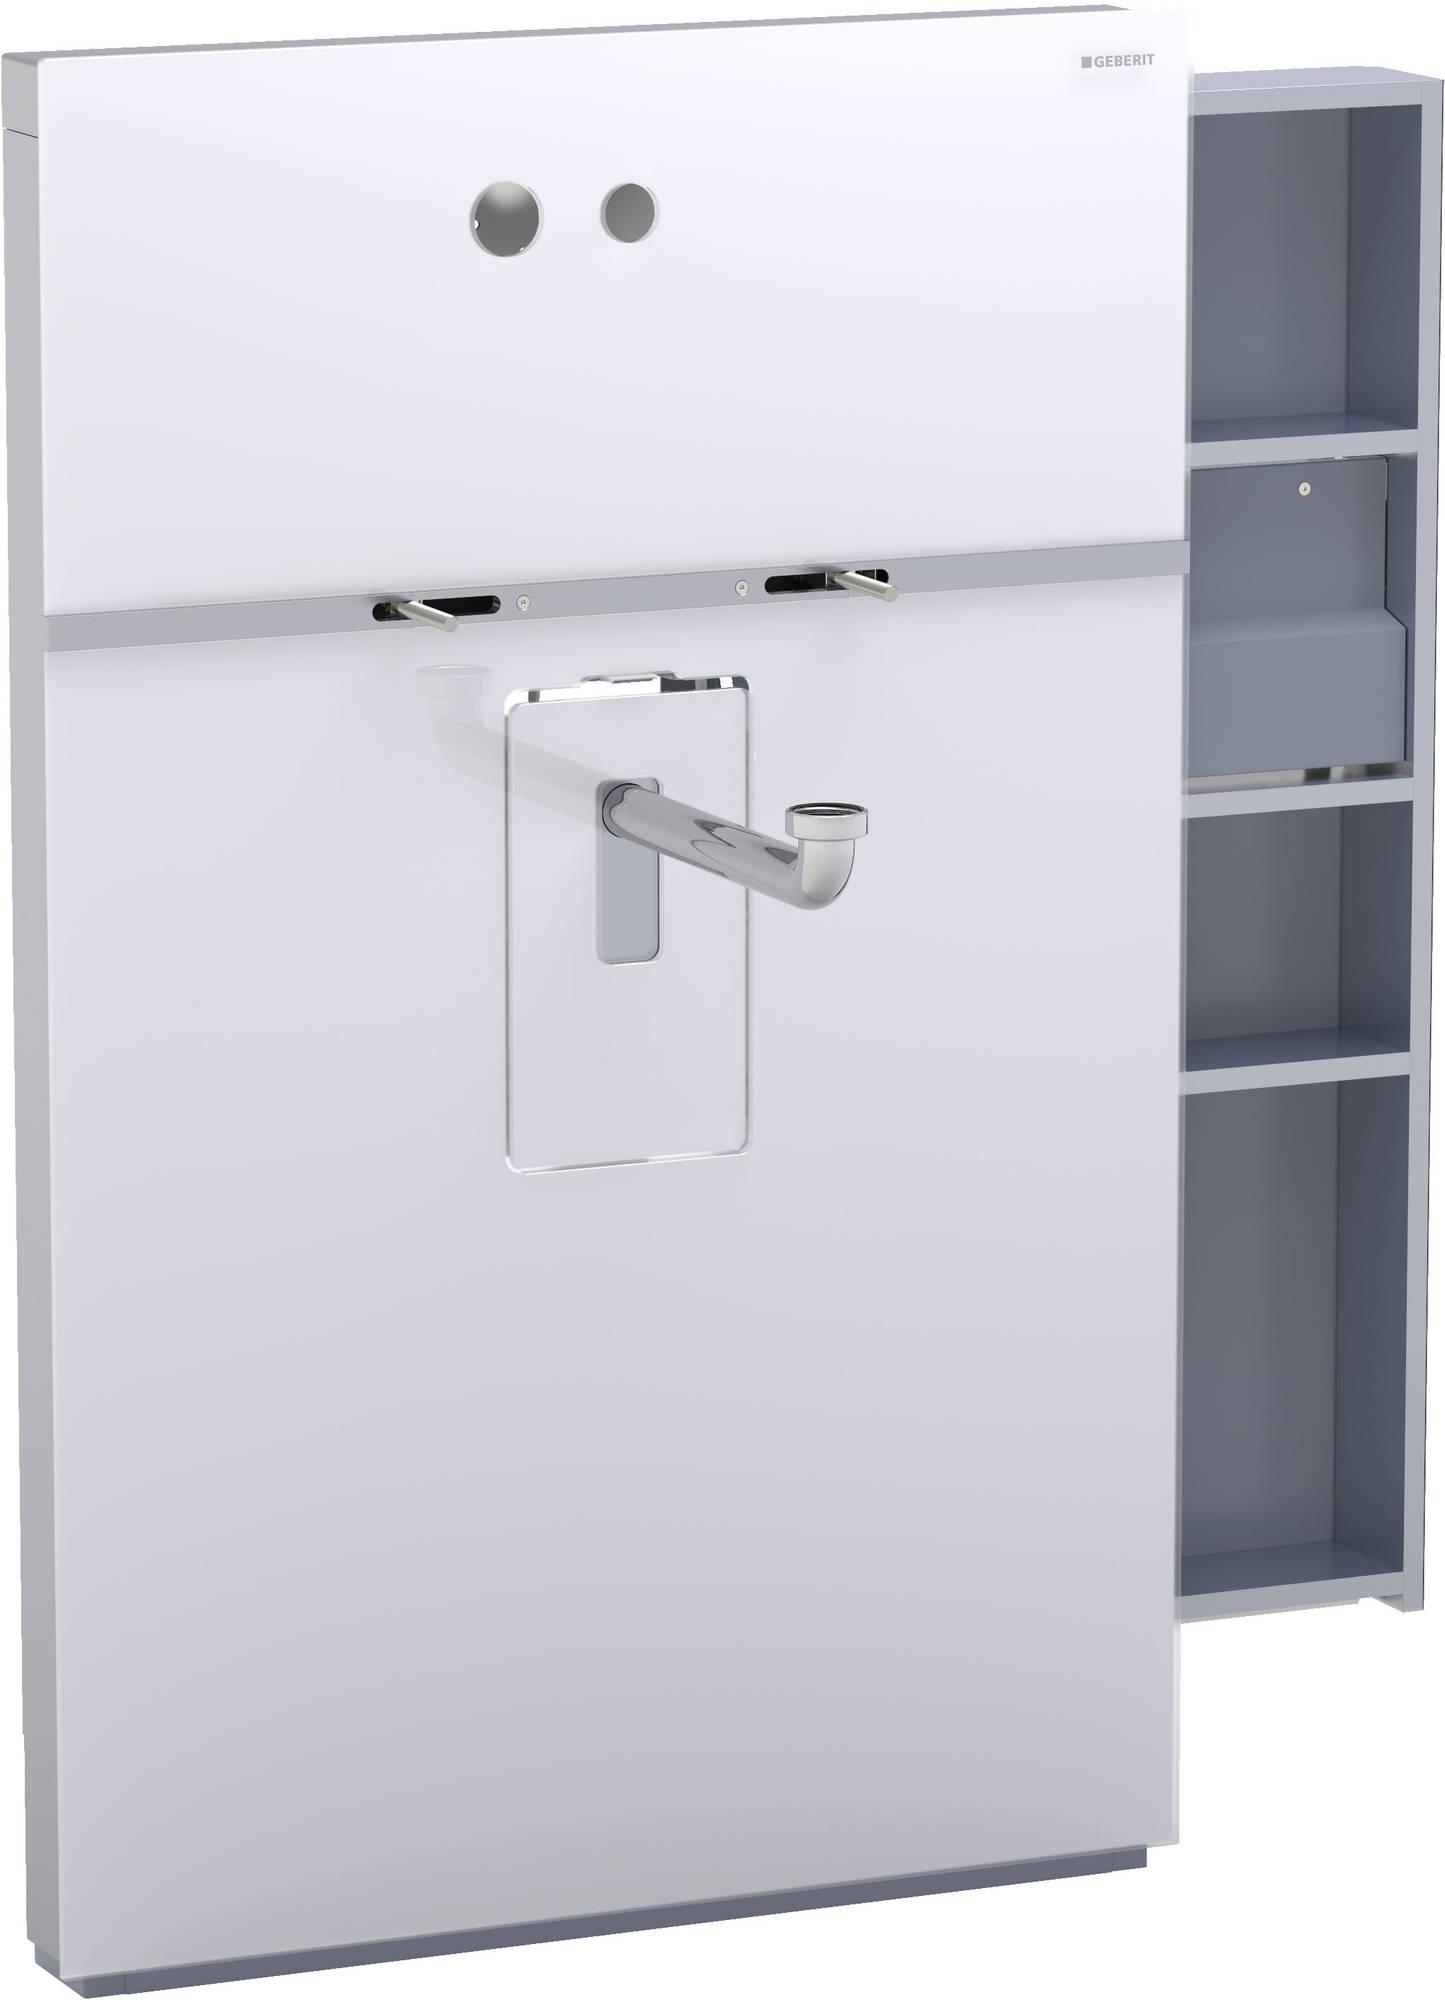 Geberit Monolith wastafelelement voor wandkraan 8 cm, kast rechts, glas wit-aluminium